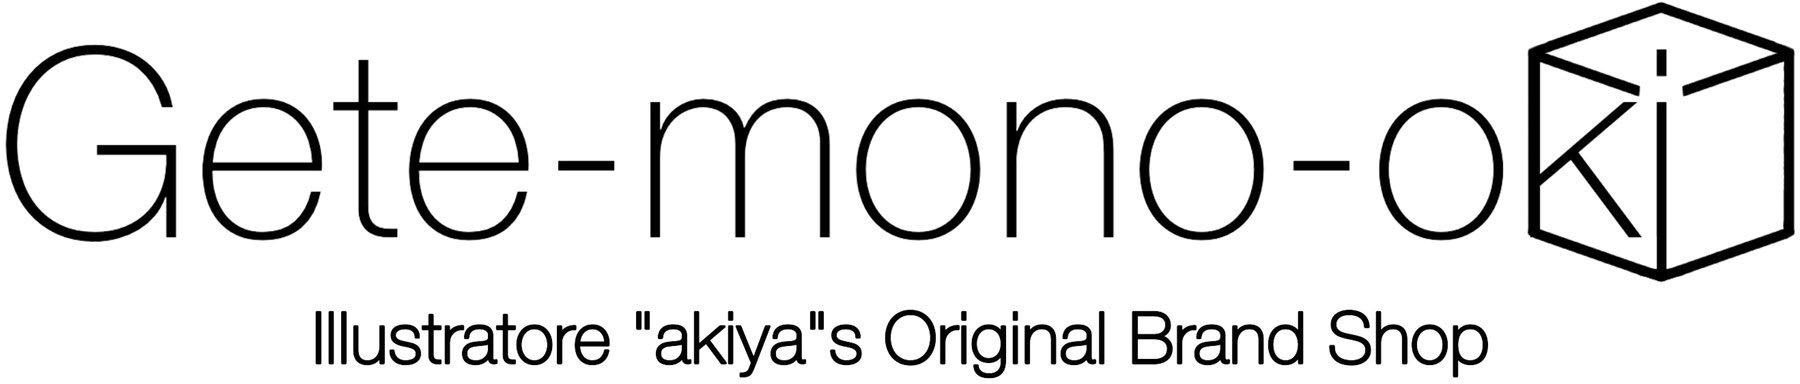 Gete-mono-oki|Illustrator「アキヤレモンサワー」OFFICIAL SITE Illustrator「アキヤレモンサワー」のオフィシャルサイトです。ロゴやポップ、ステッカーなど様々なデザイン制作を承っています。2019年、オリジナルブランド「Gete-mono-oki」を立ち上げ、自らデザインしたファッションアイテムやイラスト、雑貨などの販売を開始。また、ライブやレコーディングなどフリーのドラマーとしても活動中。